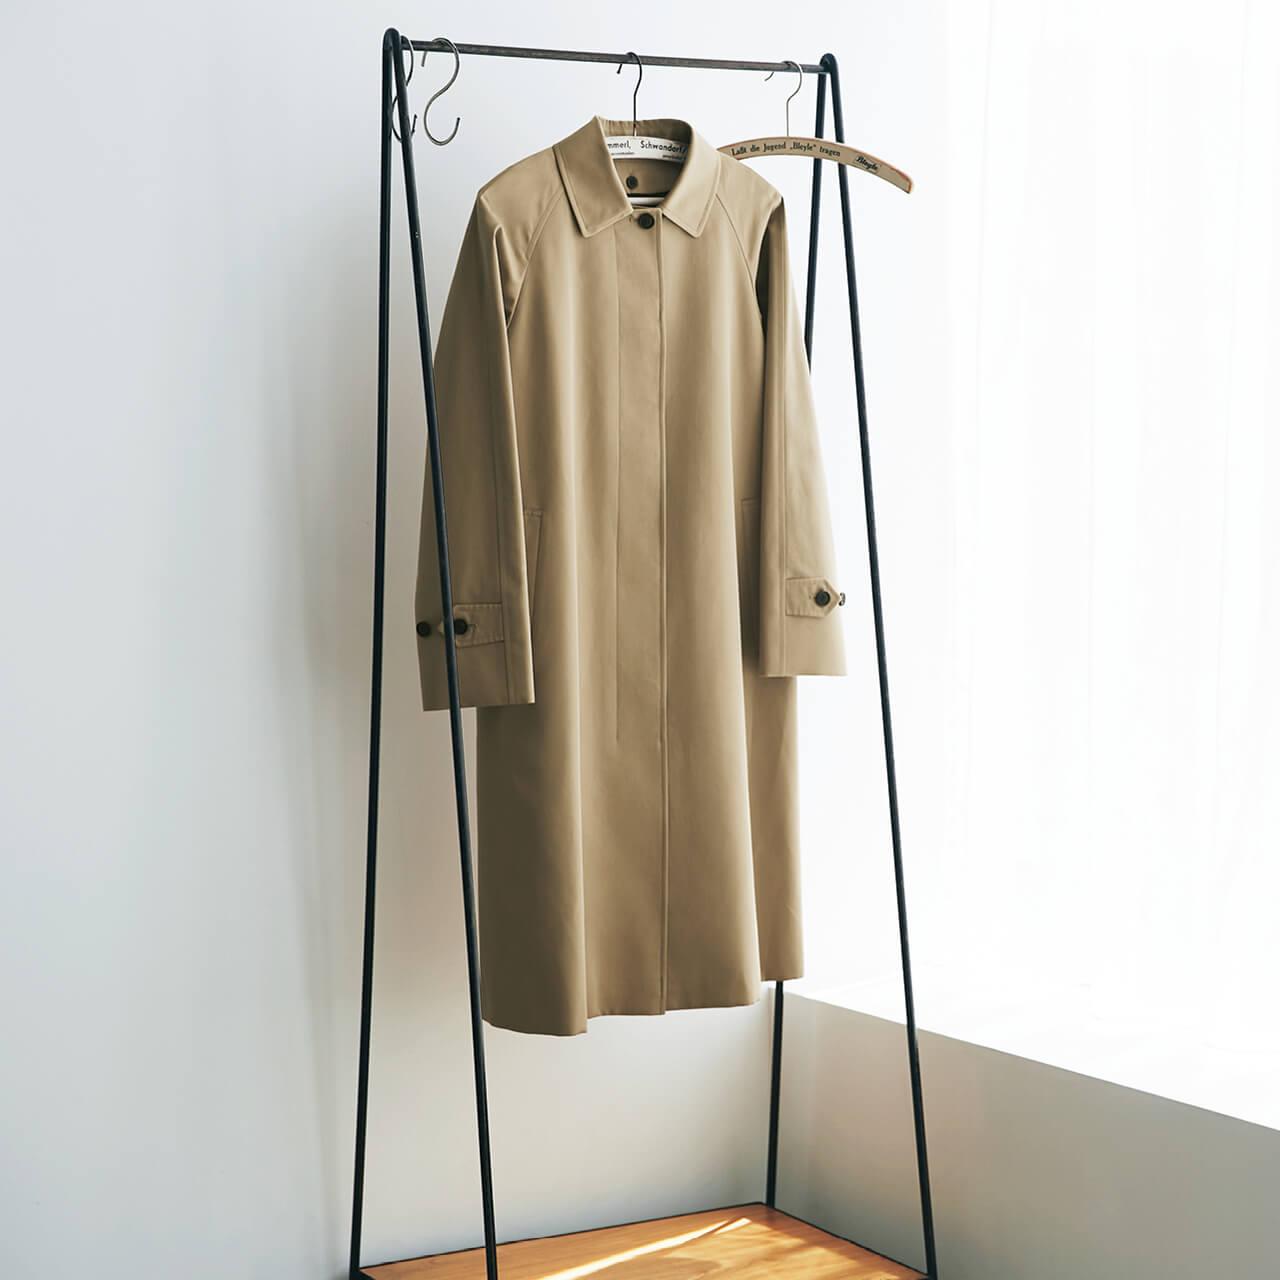 SANYOCOAT サンヨーコート 【LEE別注】Aラインステンカラーコート